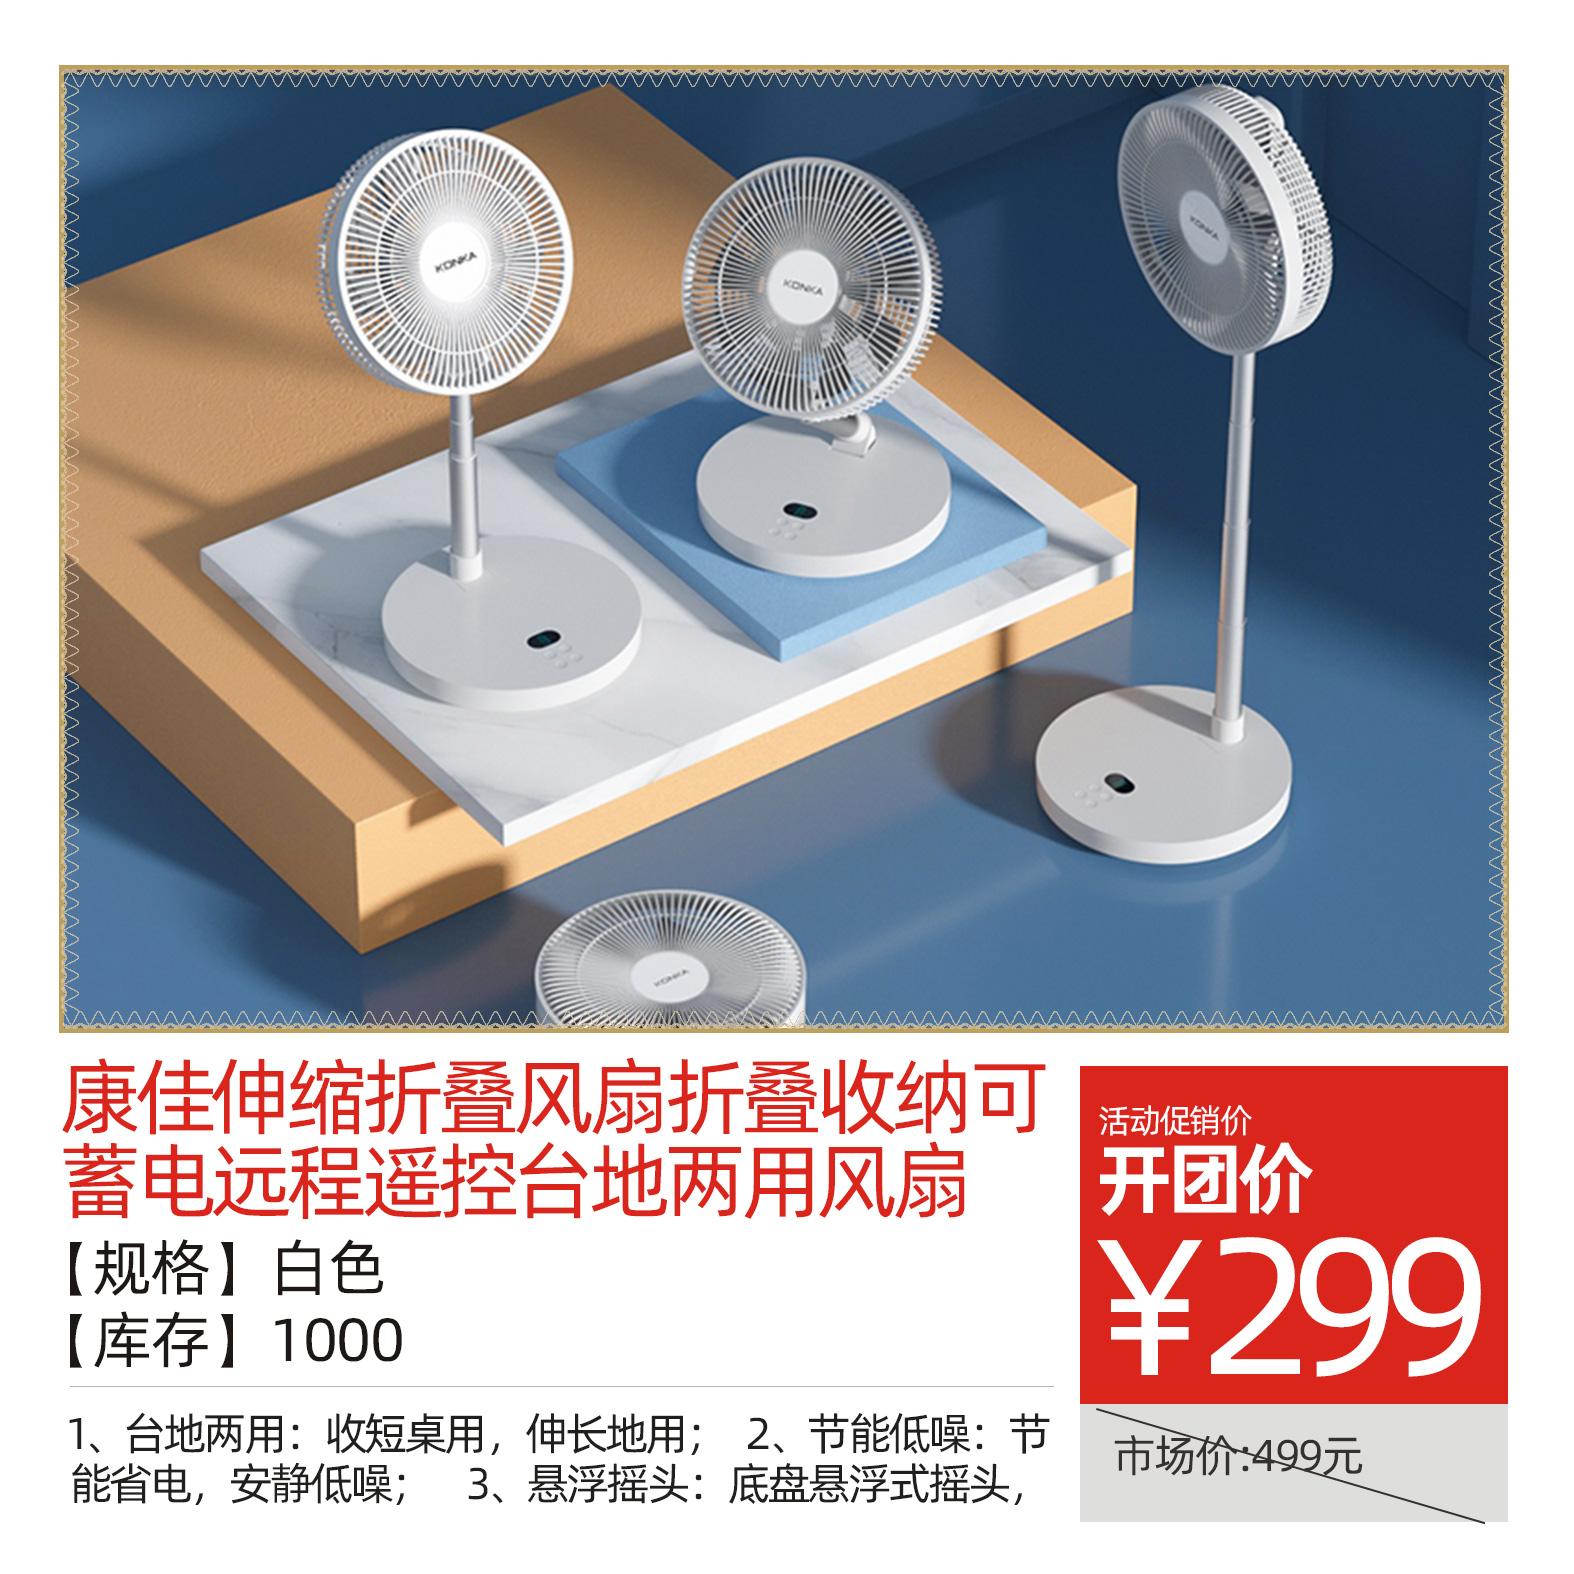 康佳伸缩折叠风扇折叠收纳可蓄电远程遥控台地两用风扇